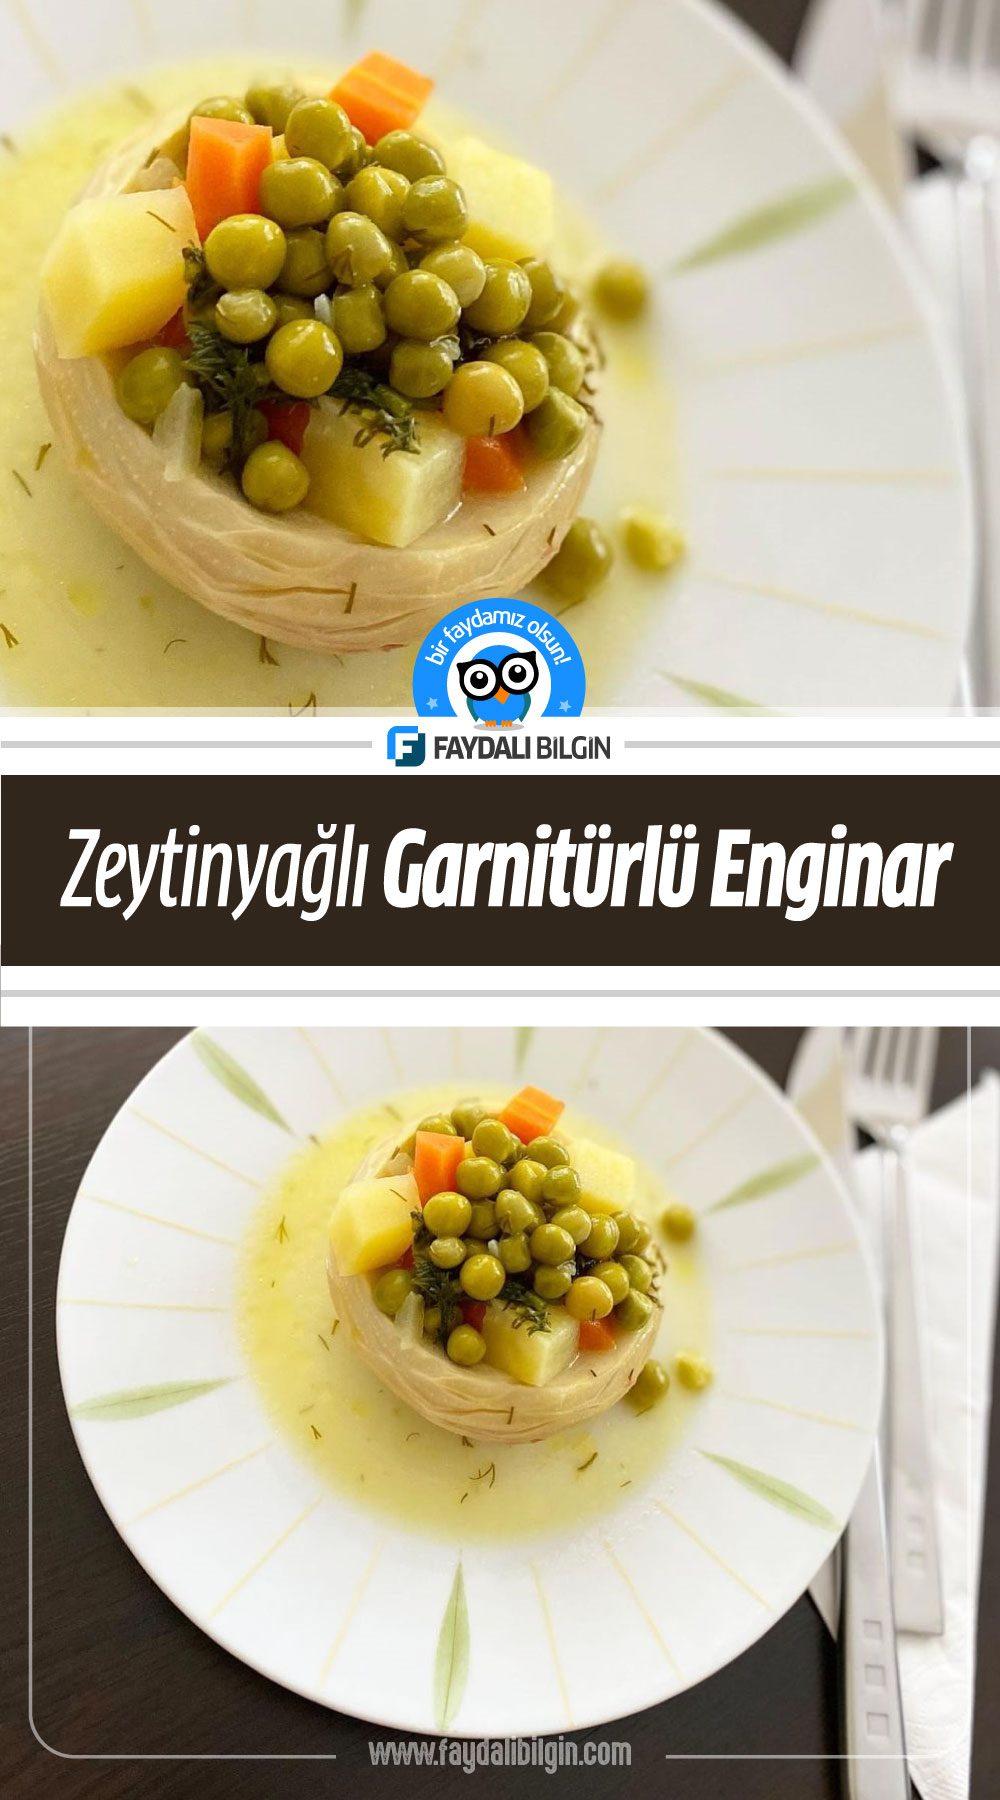 Zeytinyağlı Garnitürlü Enginar Tarifi